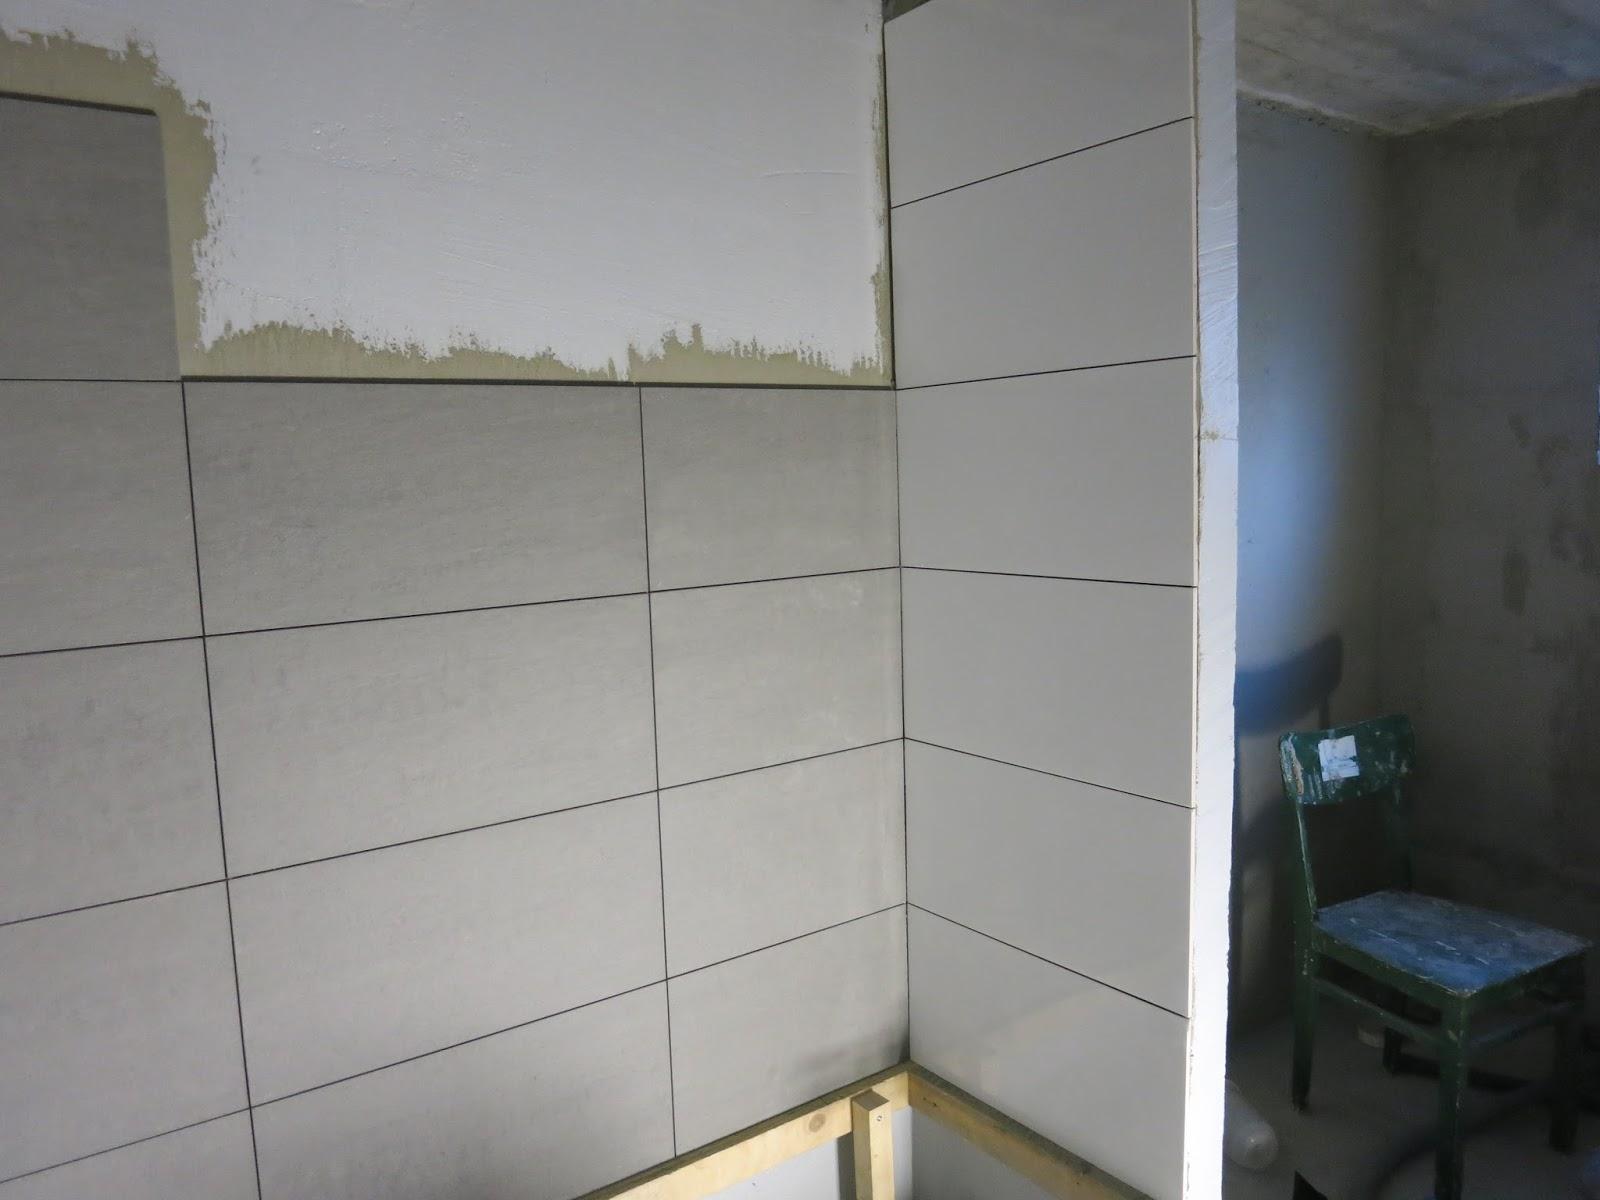 Söta drömmar: badrum och bastu: kakling påbörjat